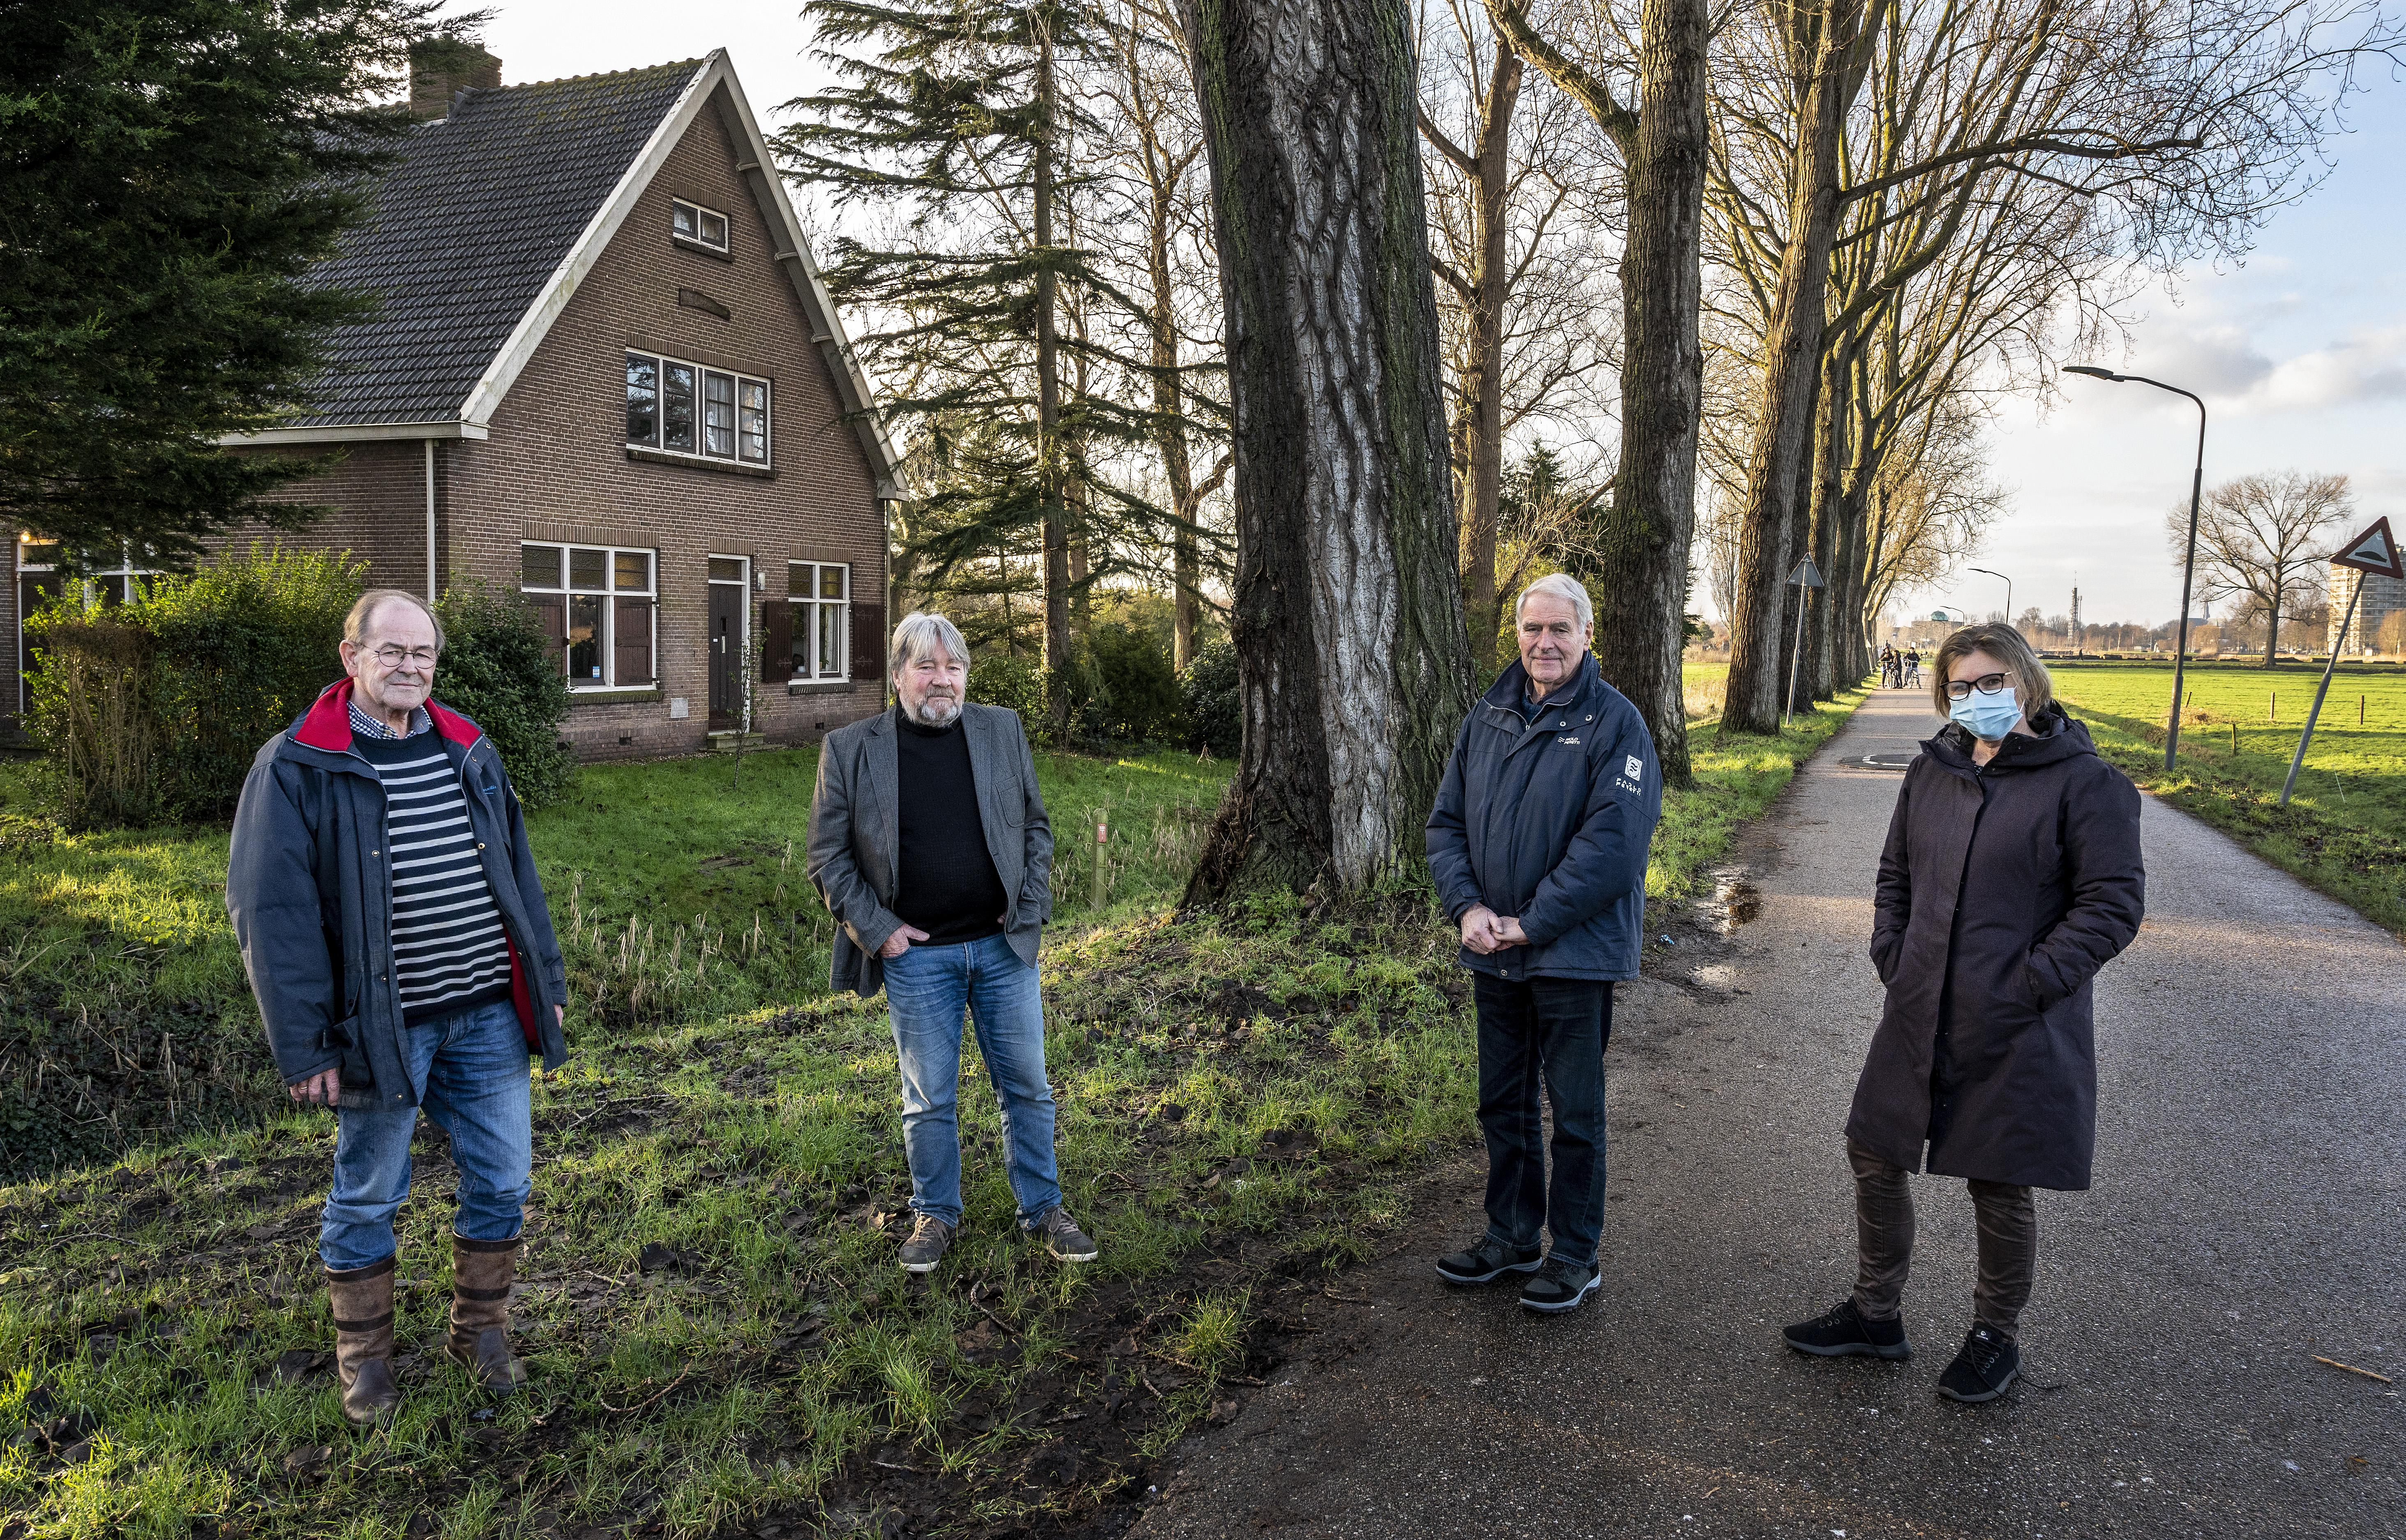 Haarlemse wijkraden strijden samen tegen asowoningen en verslaafdenopvang, gezamenlijk pleidooi voor Domus Plus en Skaeve Huse in Waarderpolder